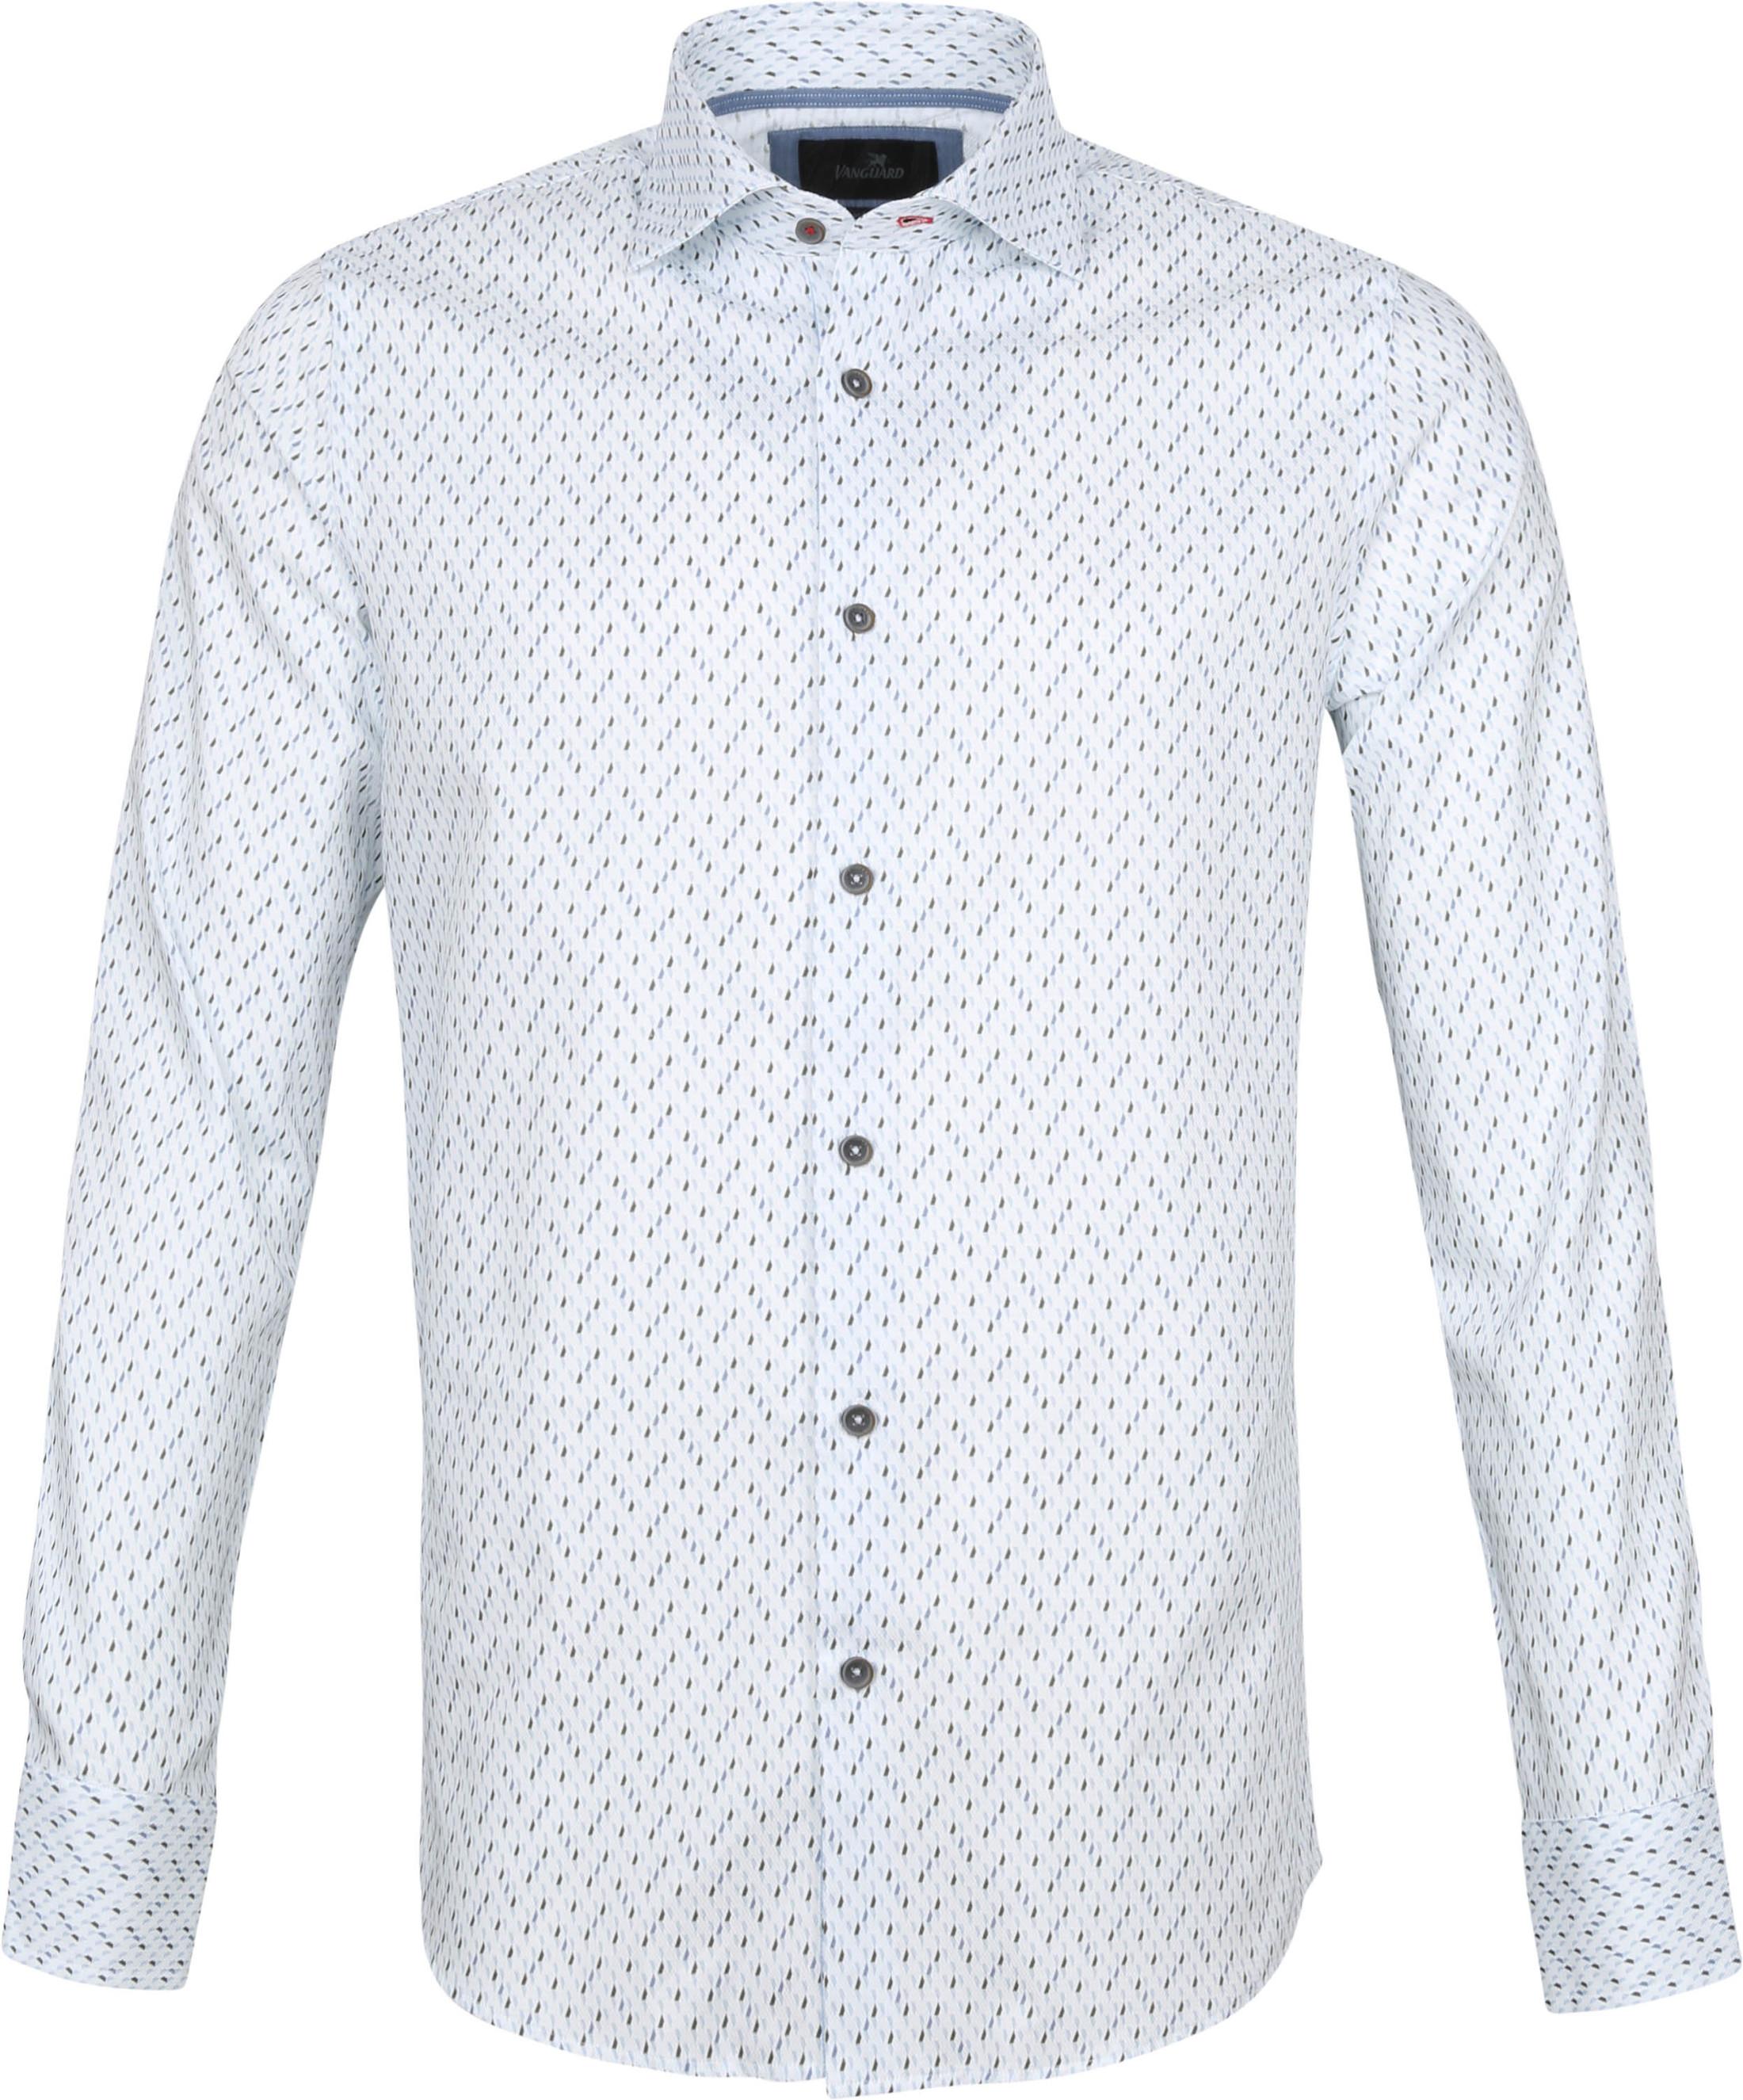 Vanguard Overhemd Patroon Wit